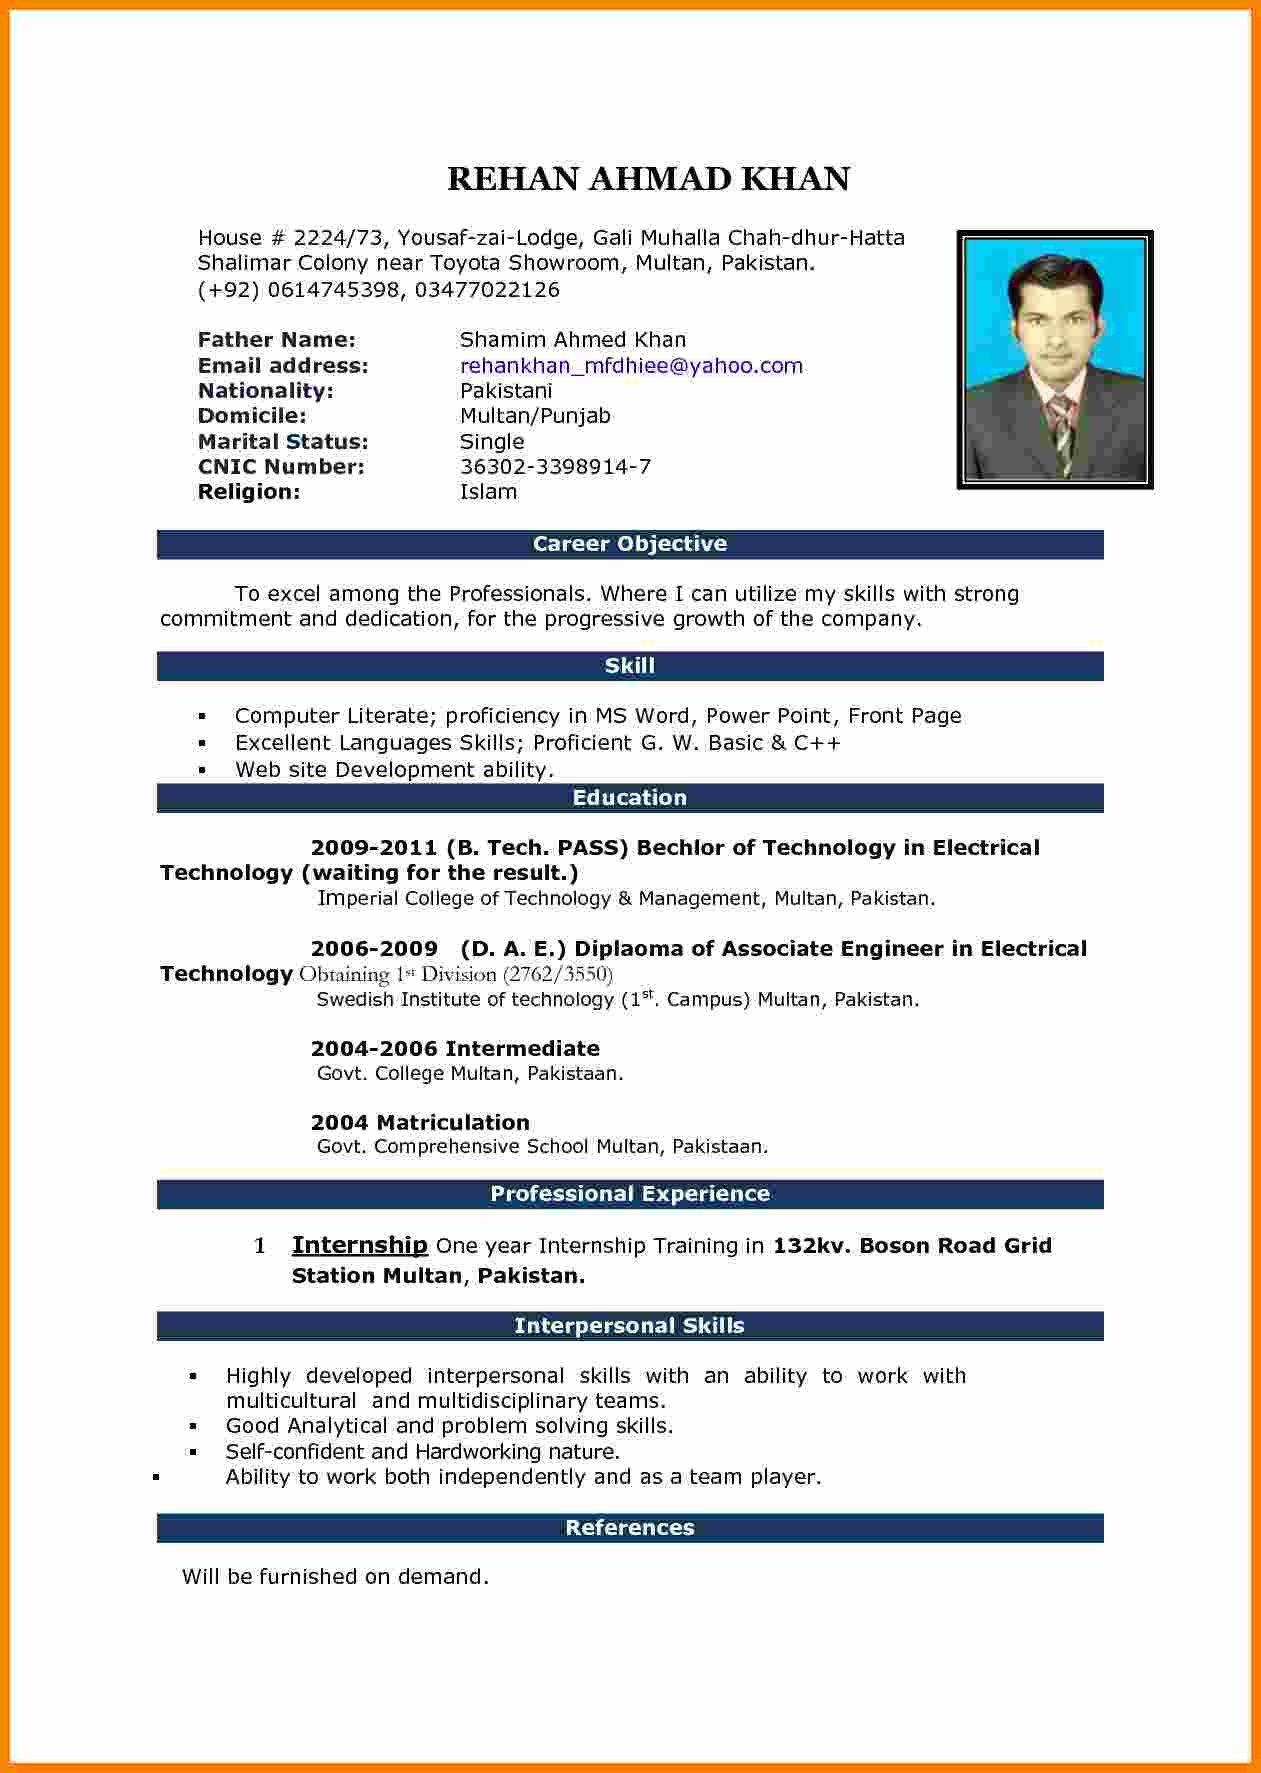 Resume Template Microsoft Word 2007 12 Cv In Ms Word 2007